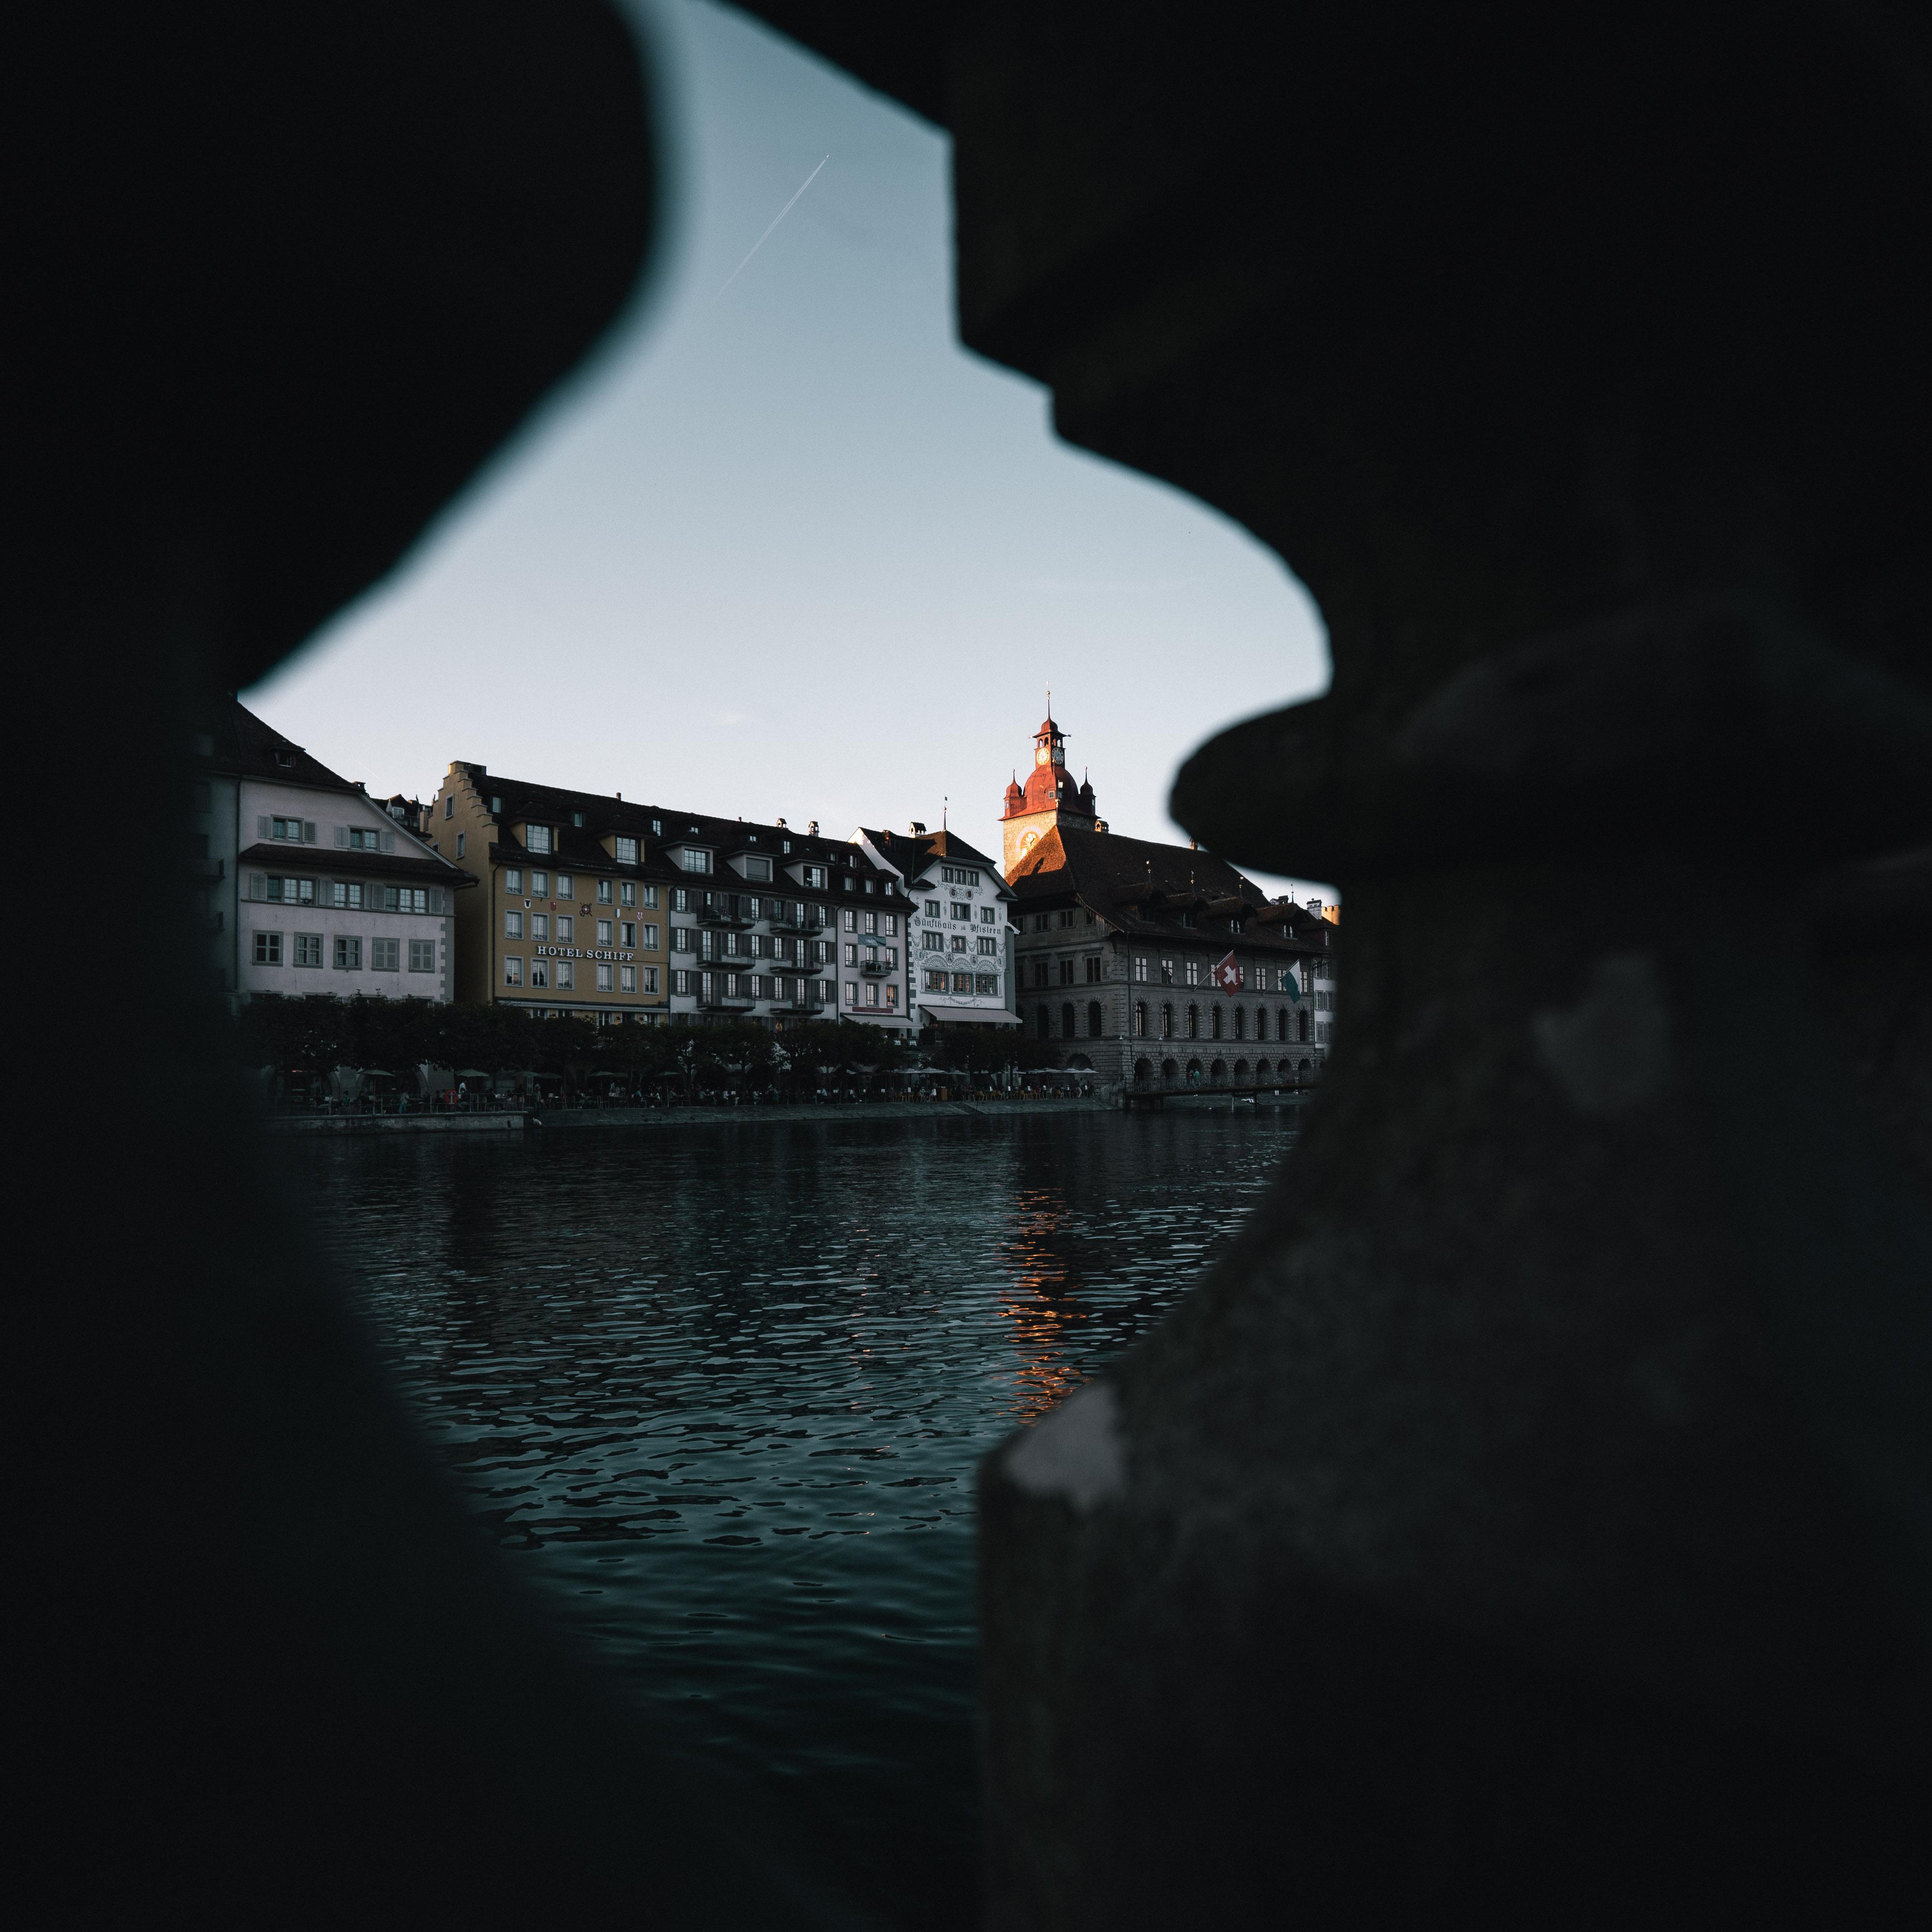 Golden Hour in Luzern.